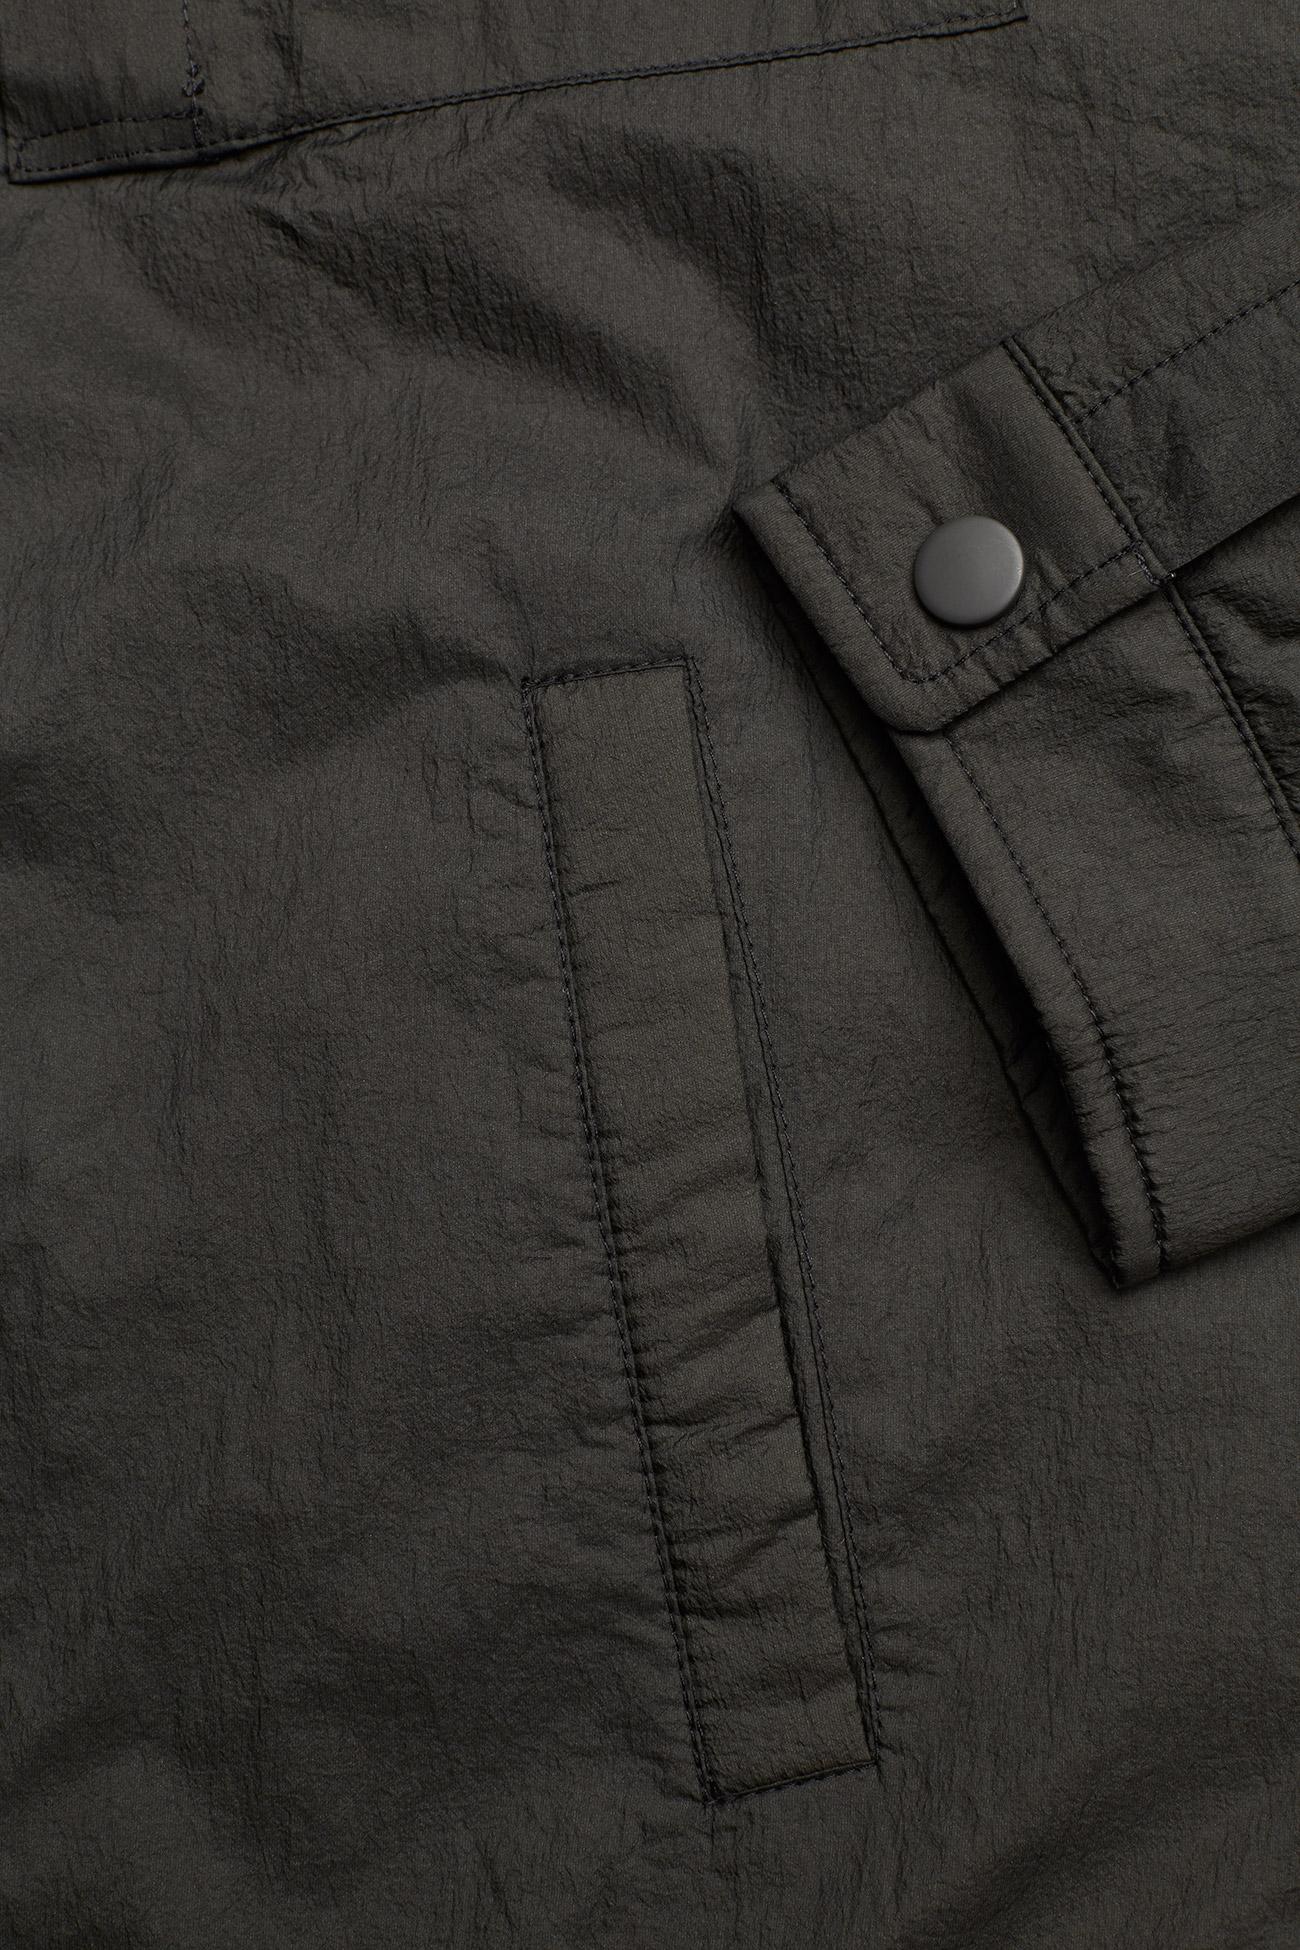 Textiles GreyBrixtol GreyBrixtol Briandark Briandark Briandark Textiles mNny8O0vw